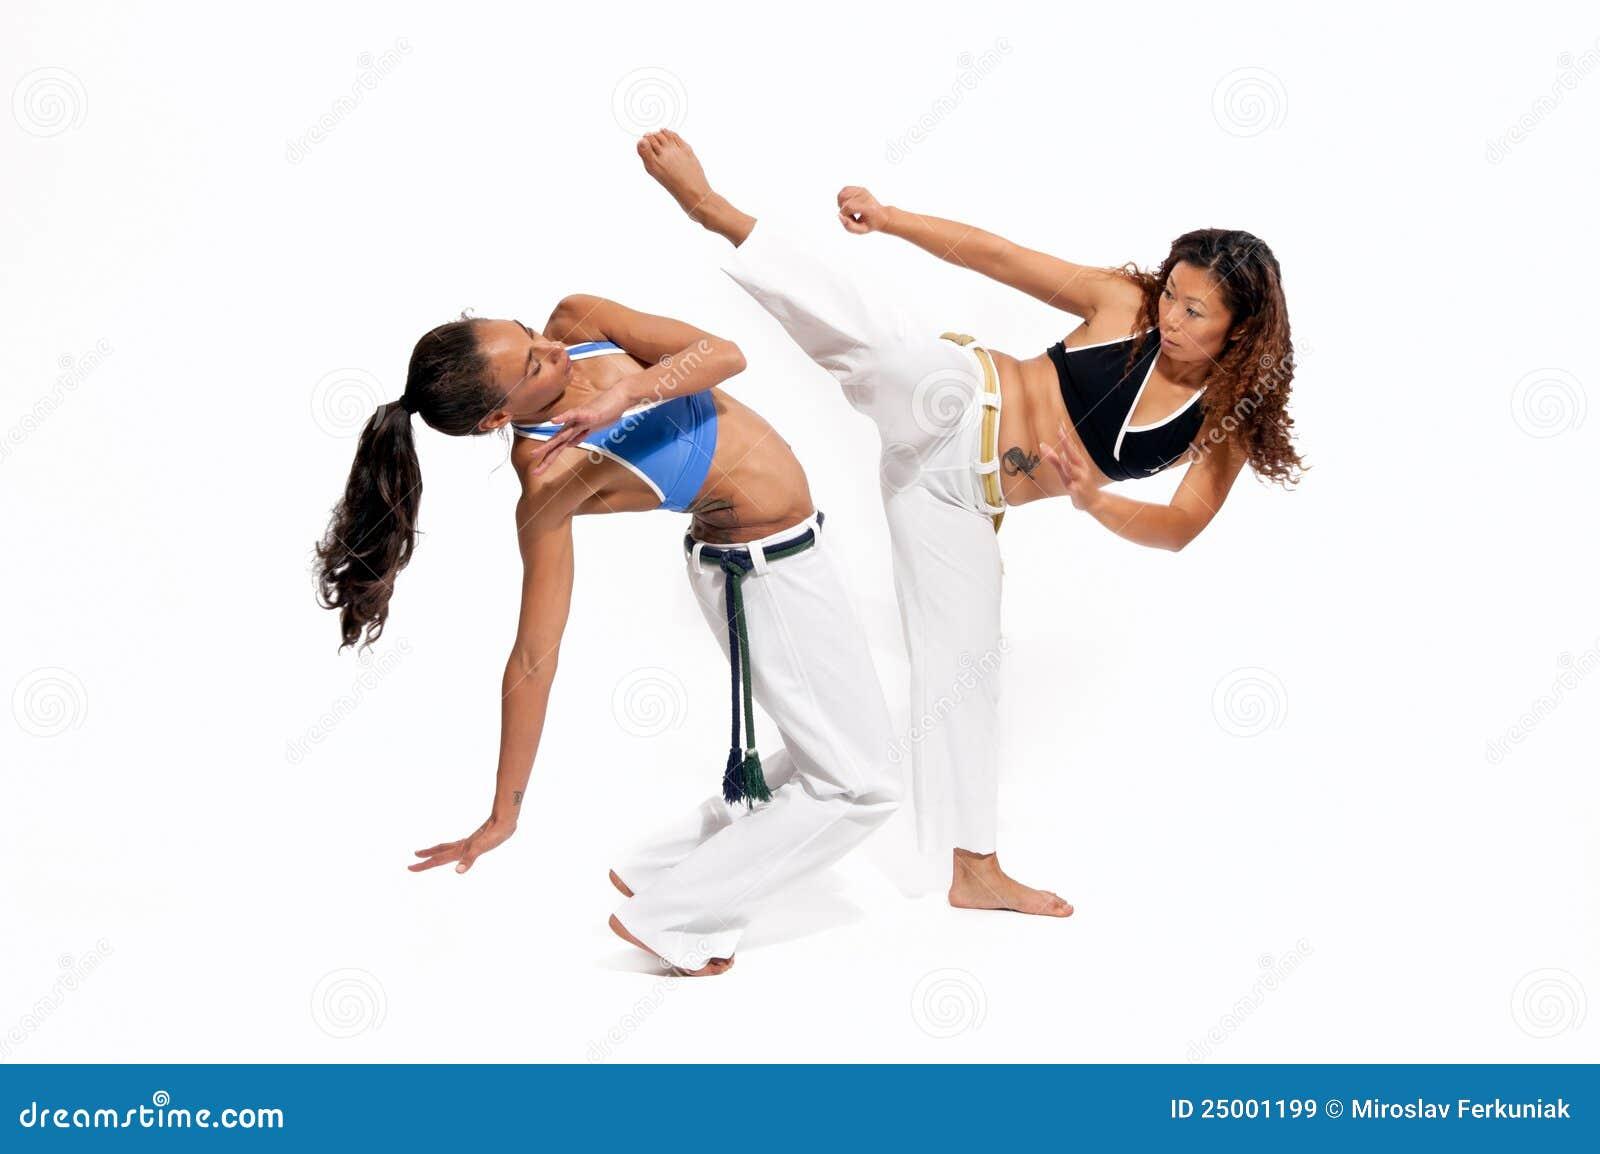 capoeira instruments